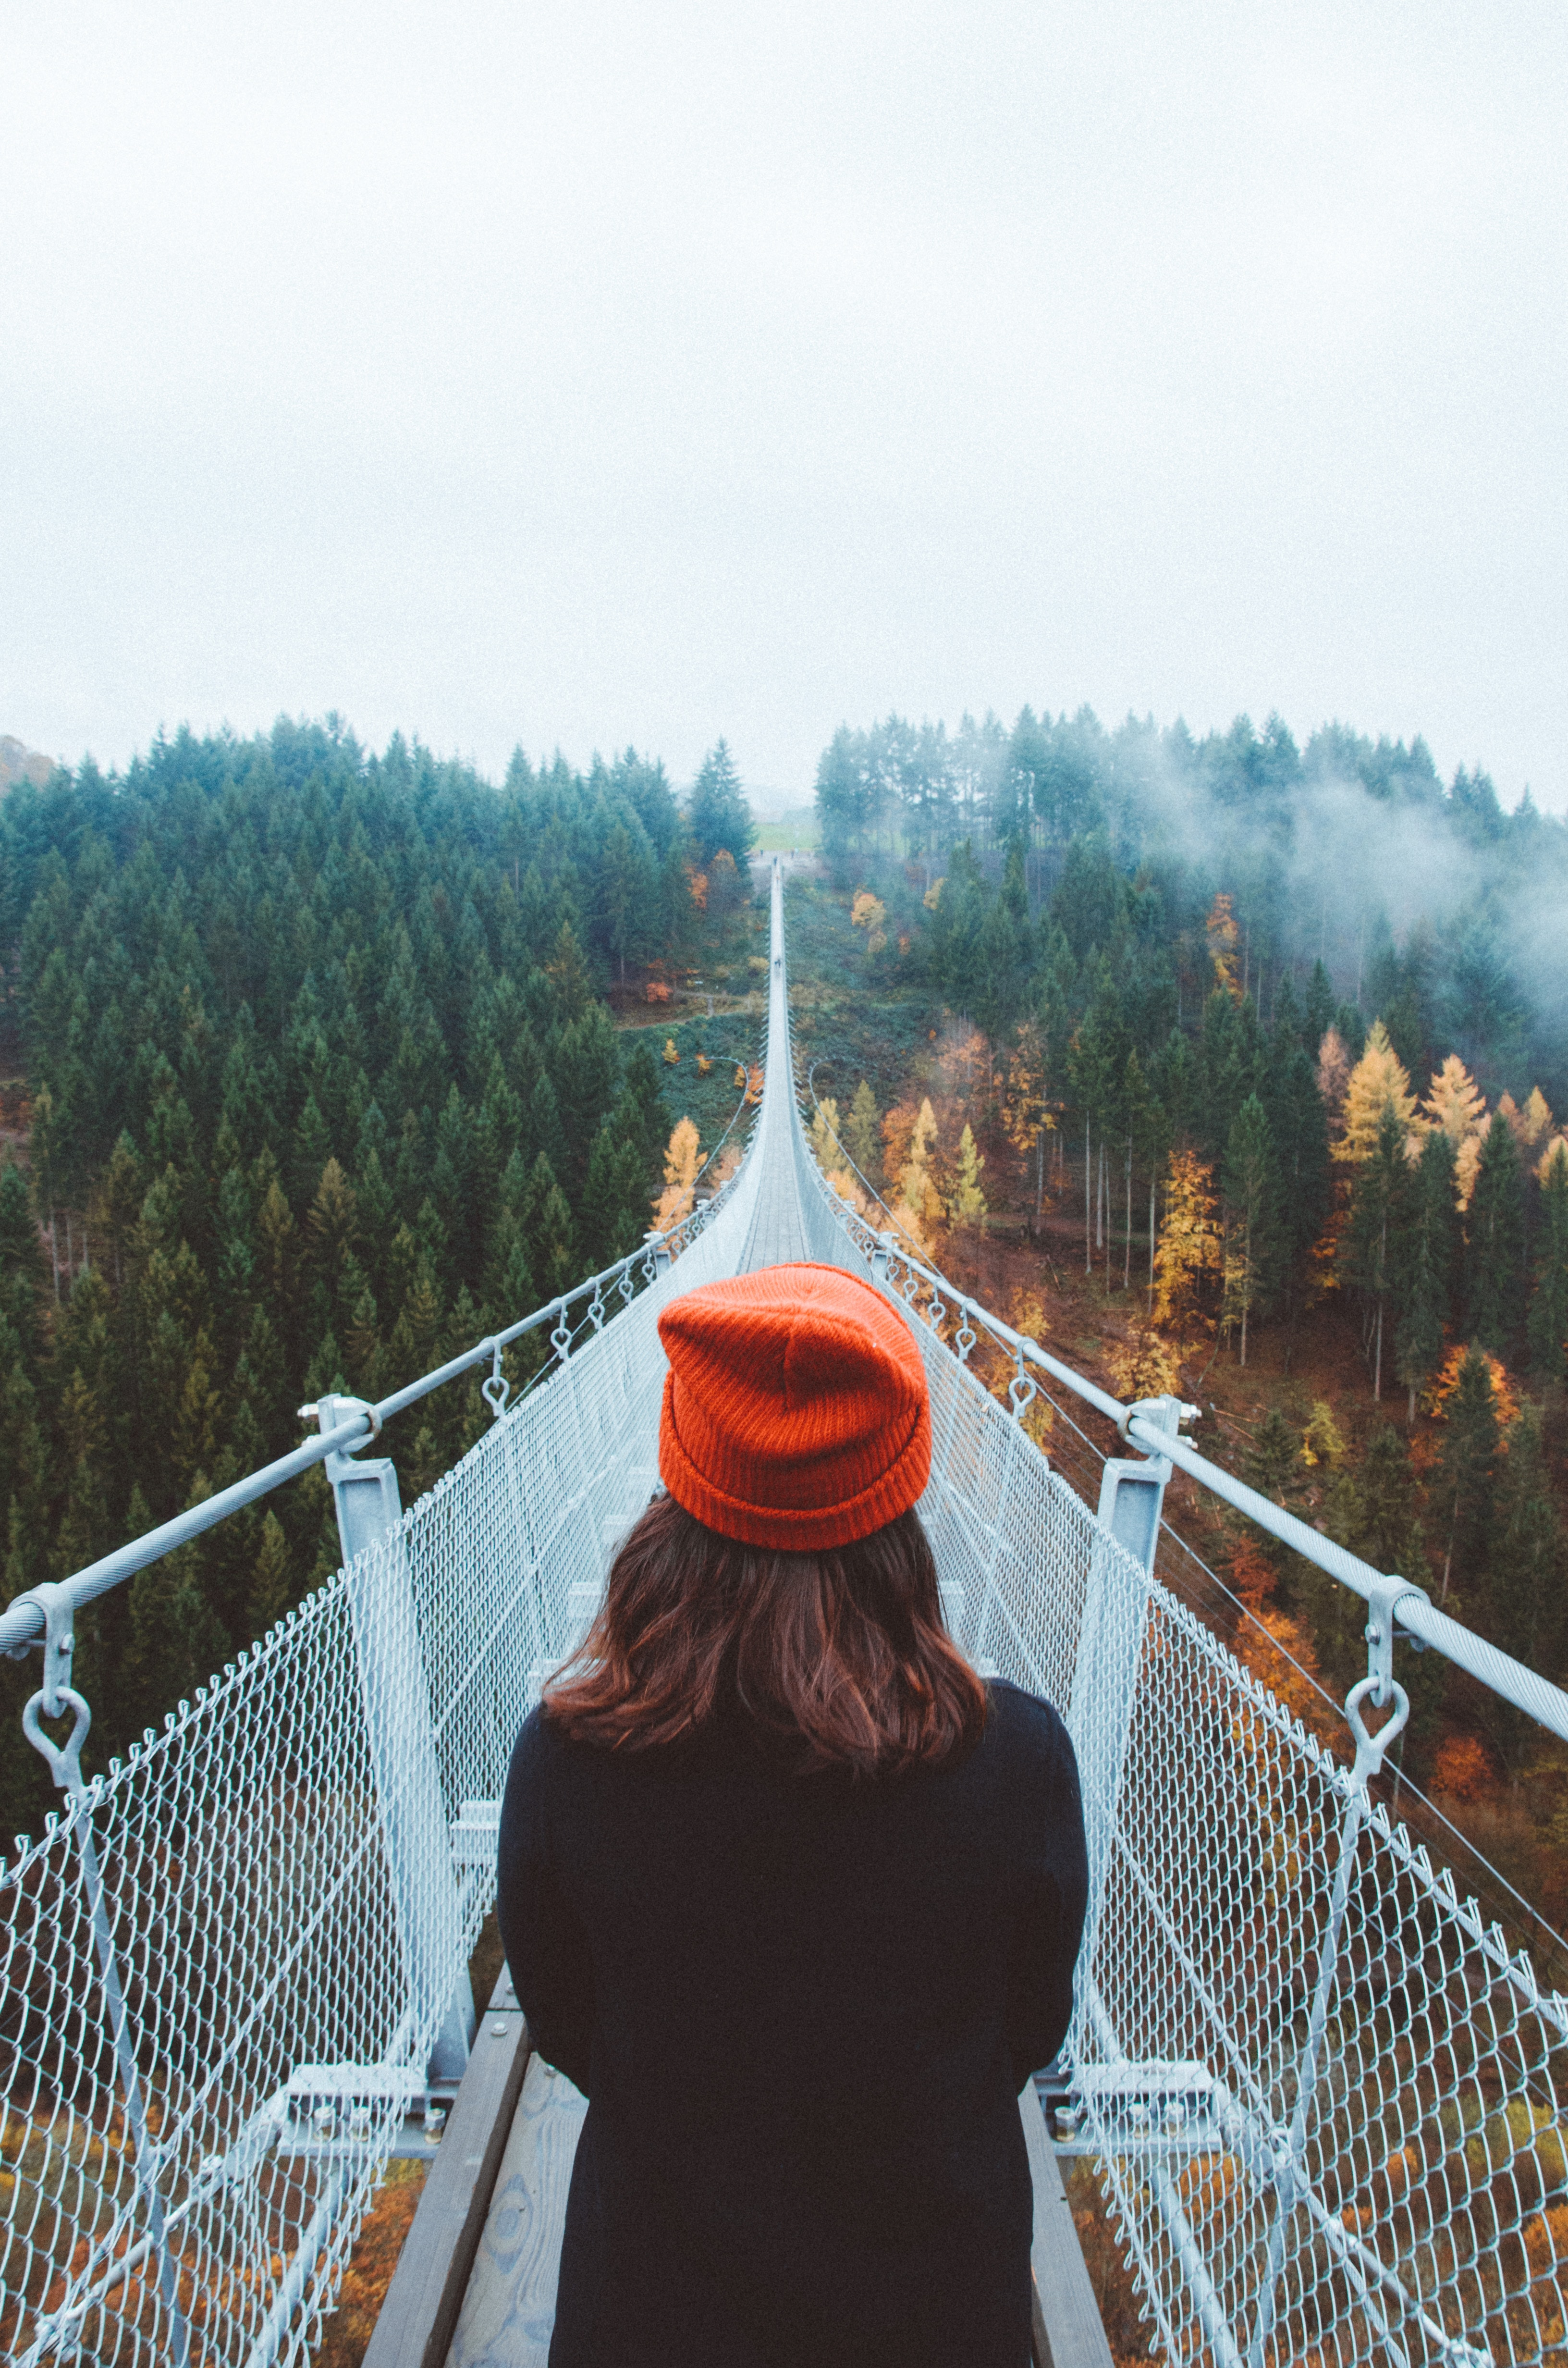 Le but que je me fixe n'est pas si lointain si j'ai une vision claire de ce que je veux